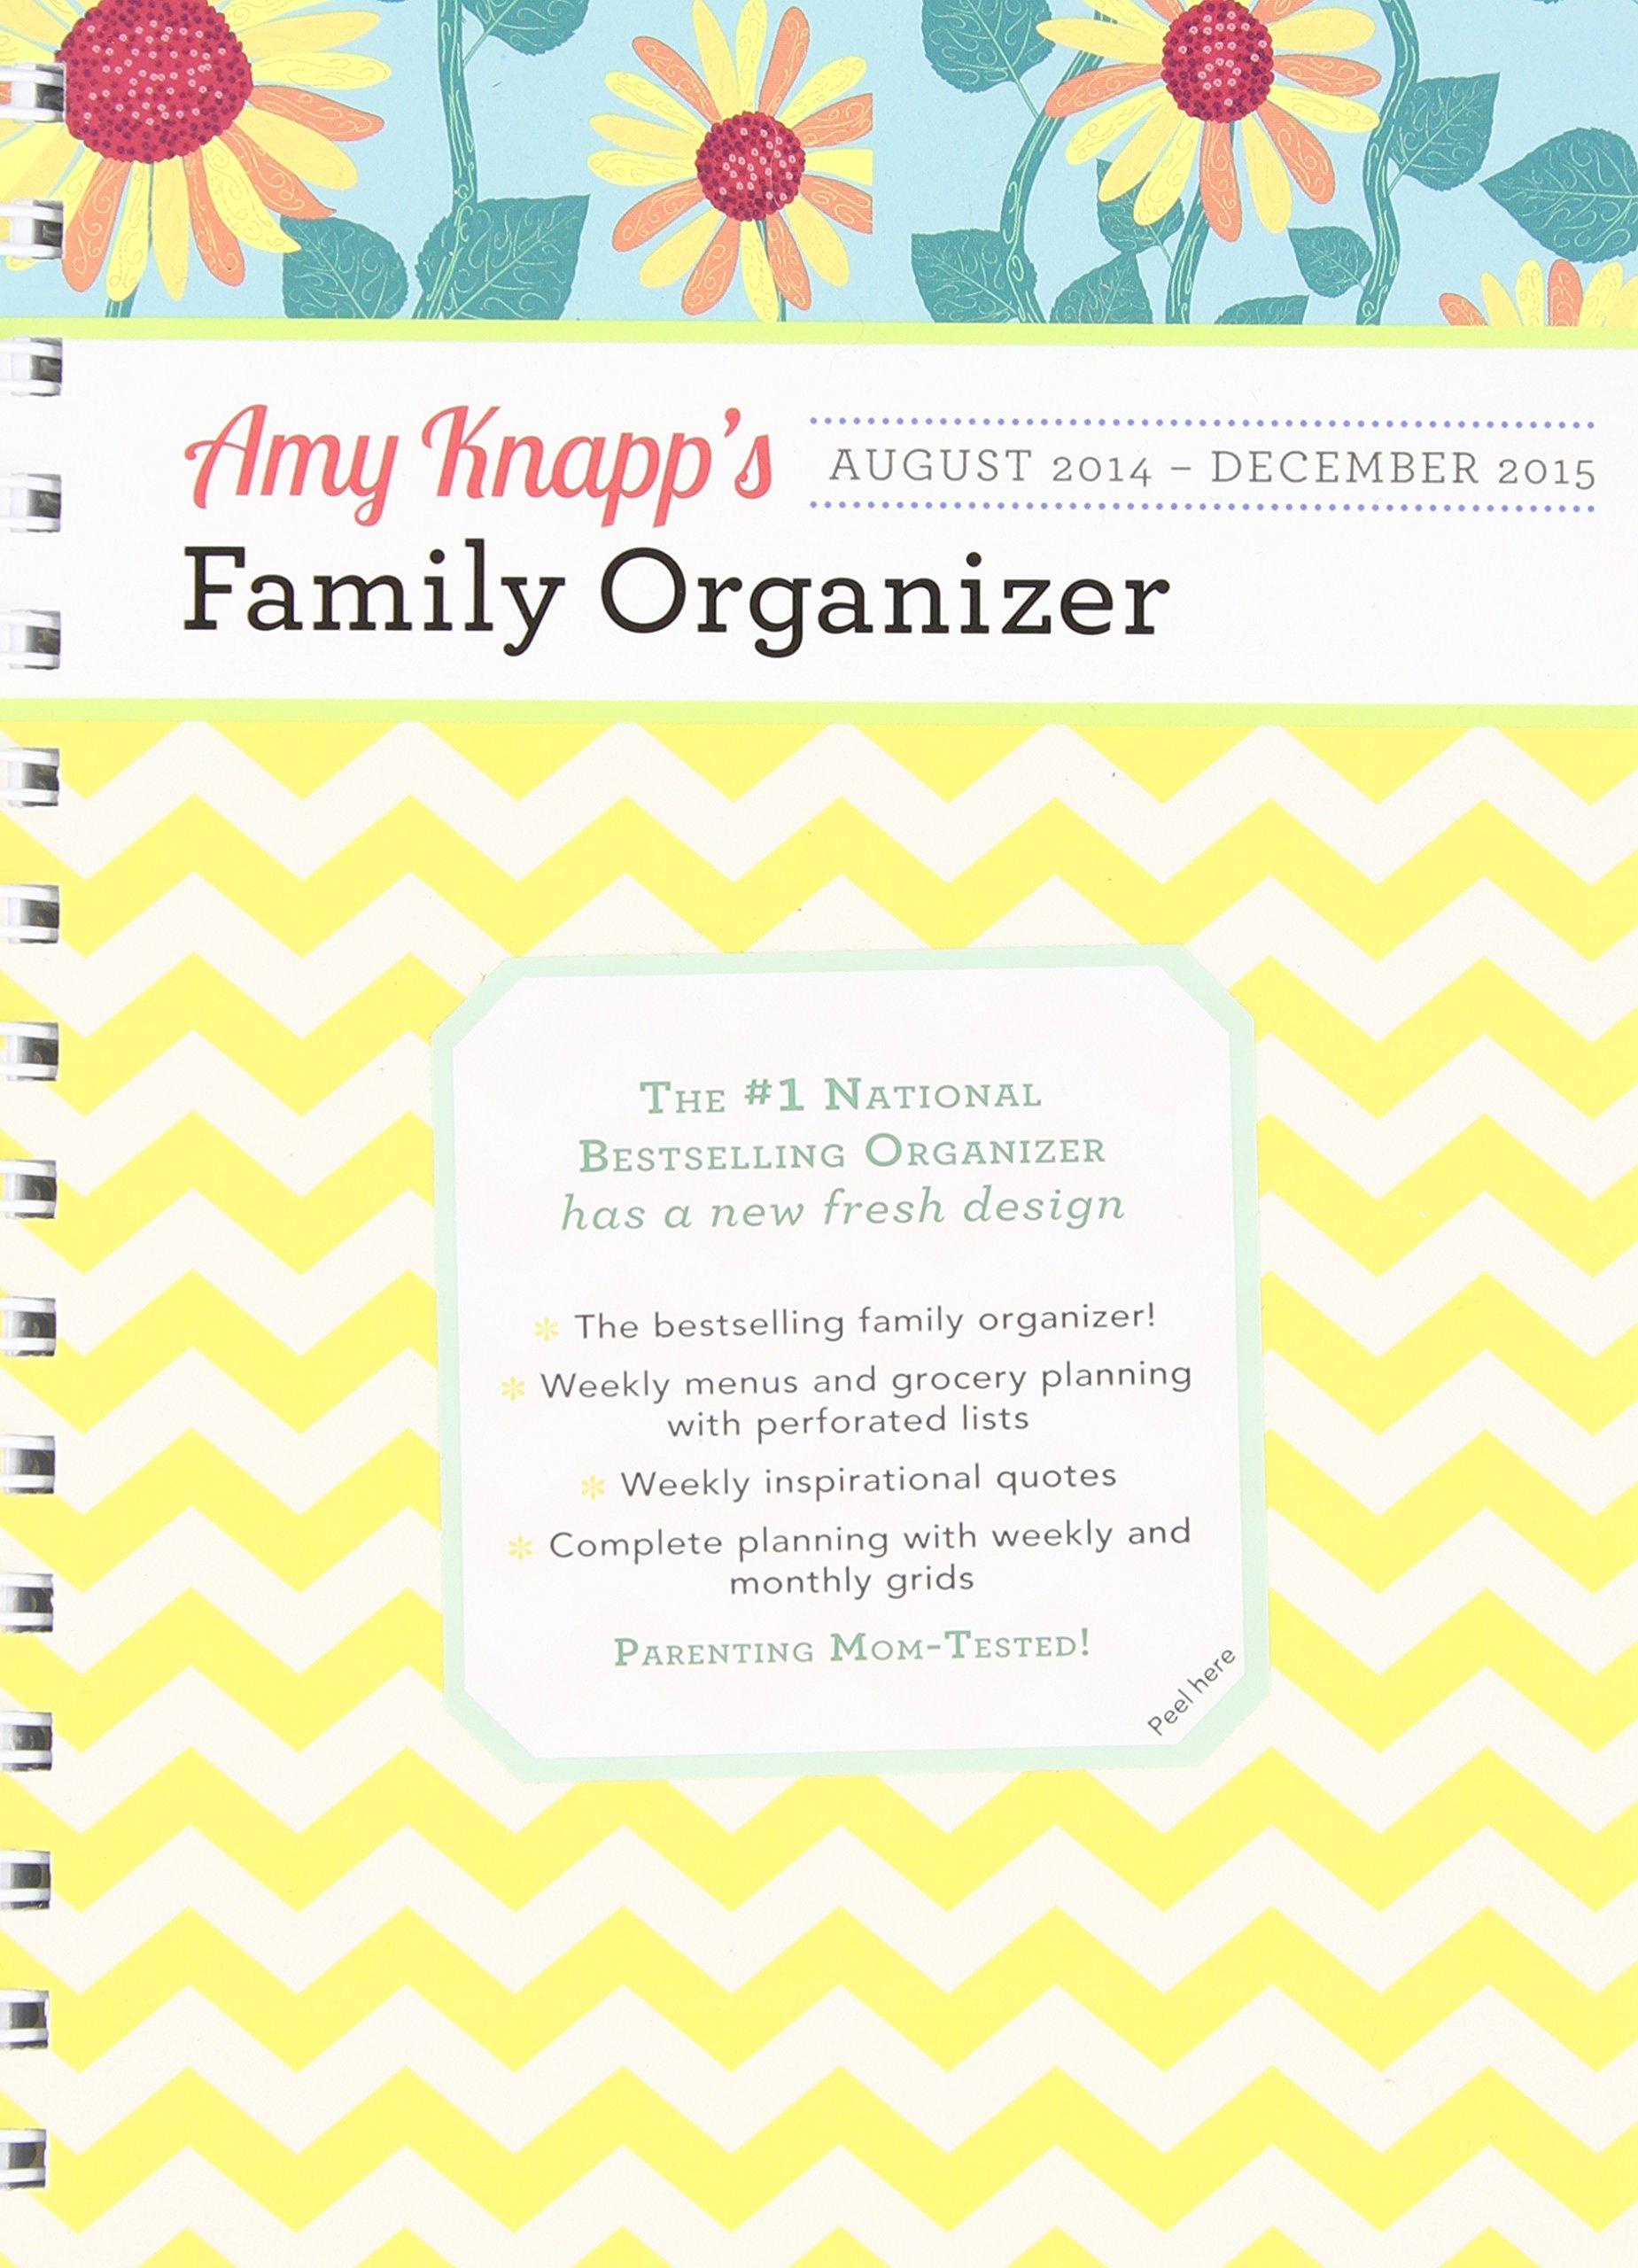 amazoncom 2015 amy knapp family organizer 0760789248405 amy knapp books